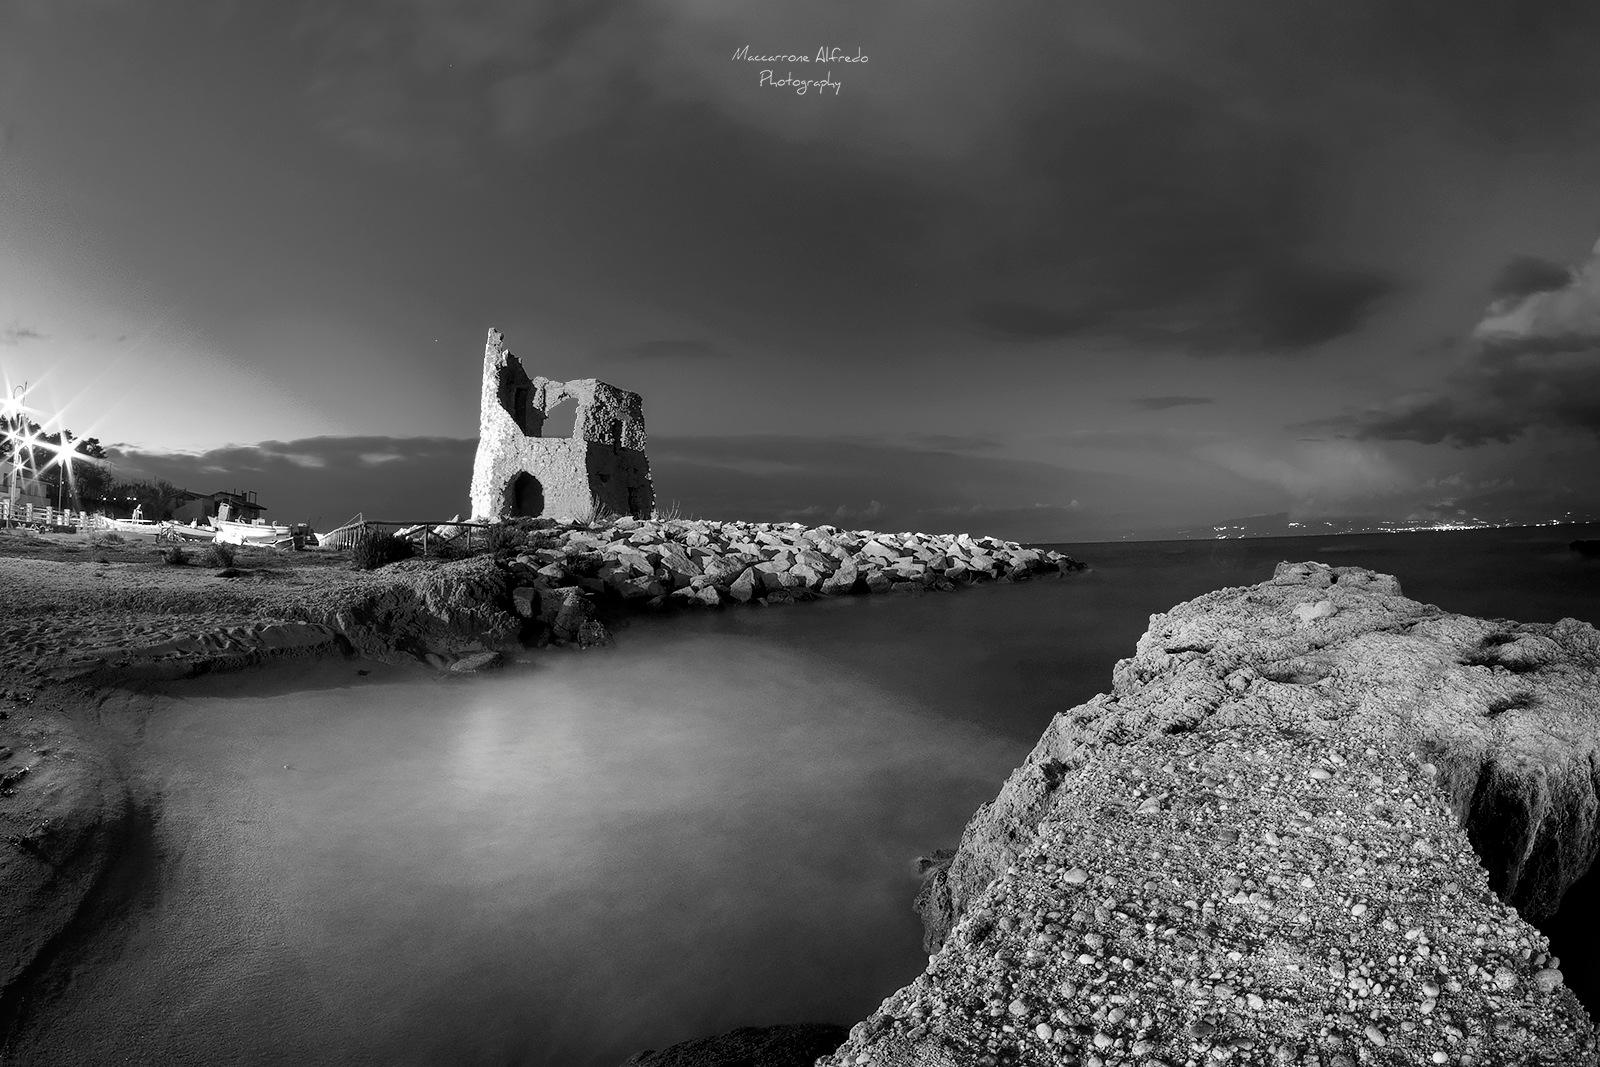 La torretta  by Alfredo Maccarrone